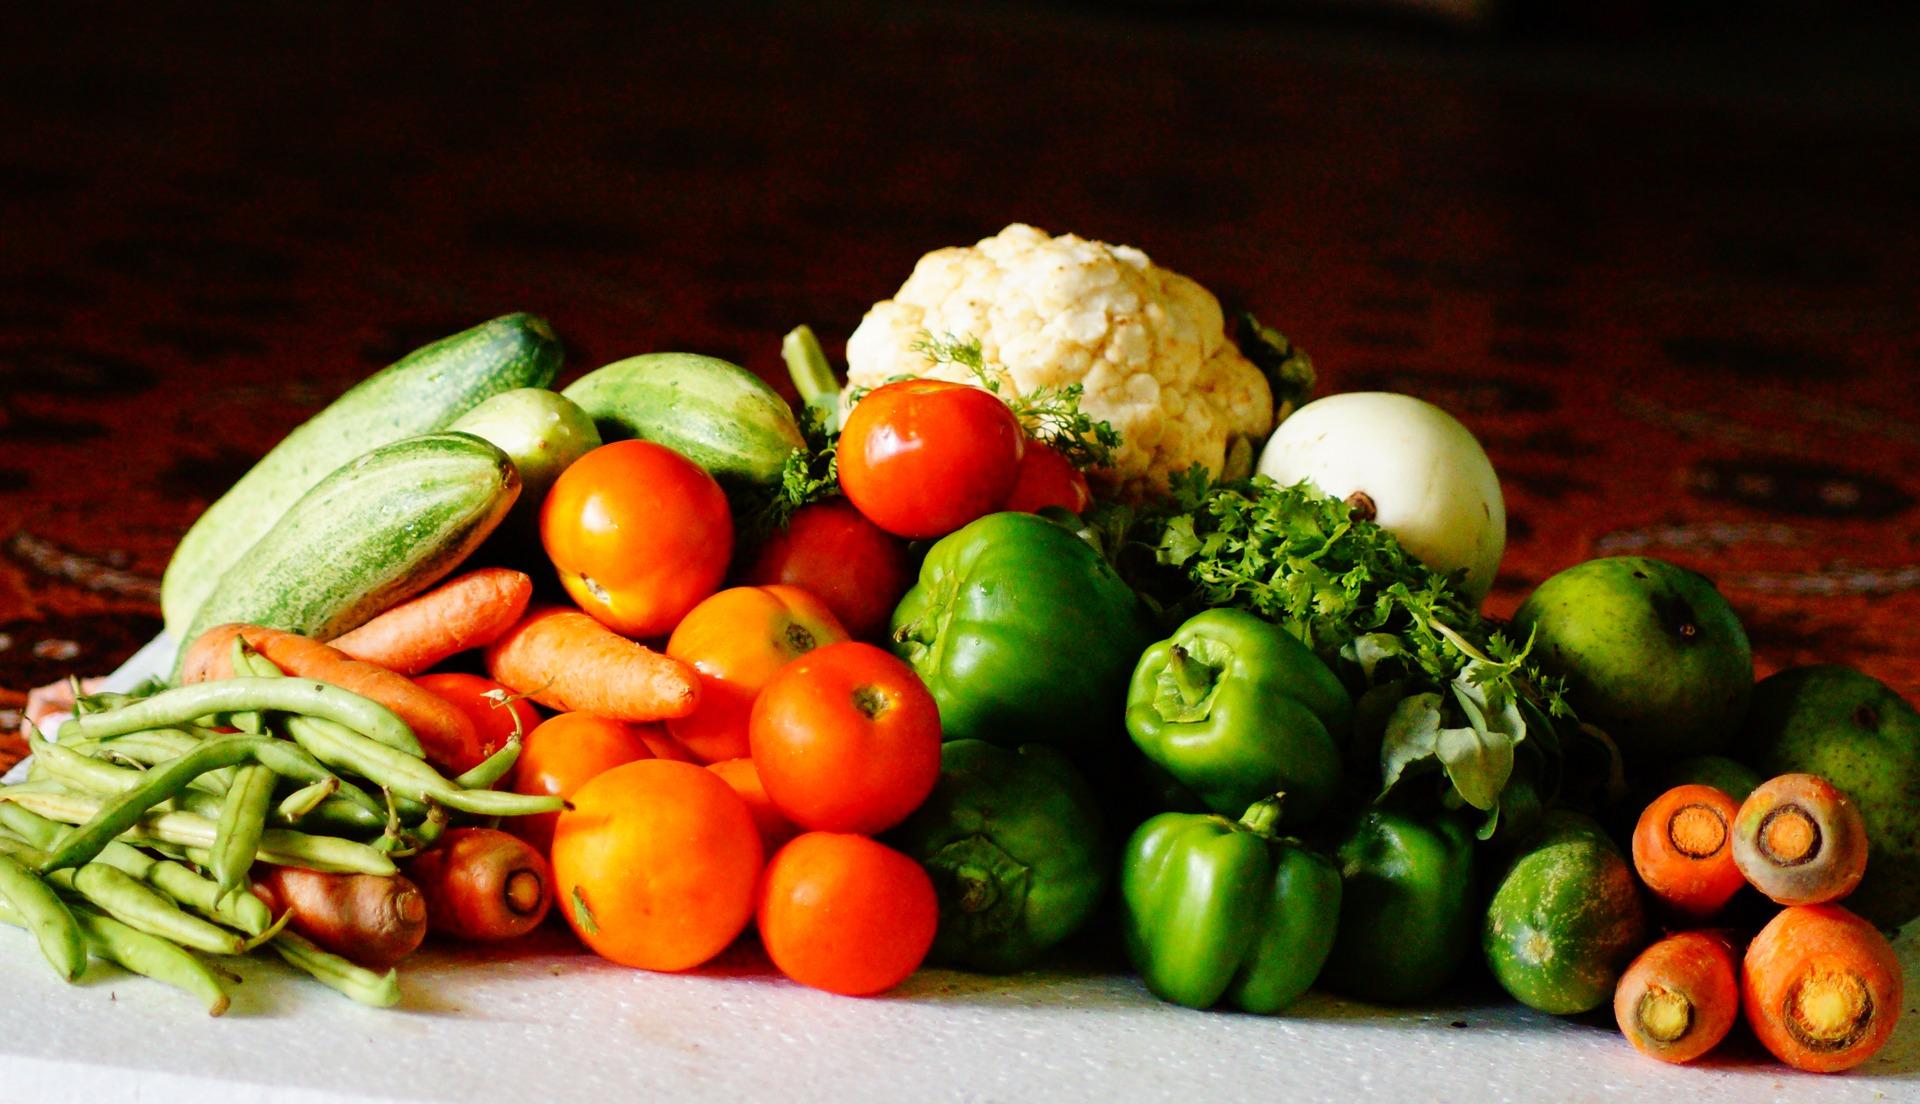 Versiculos De La Biblia De Animo: Year 1 Progress—Food Enterprise Supports